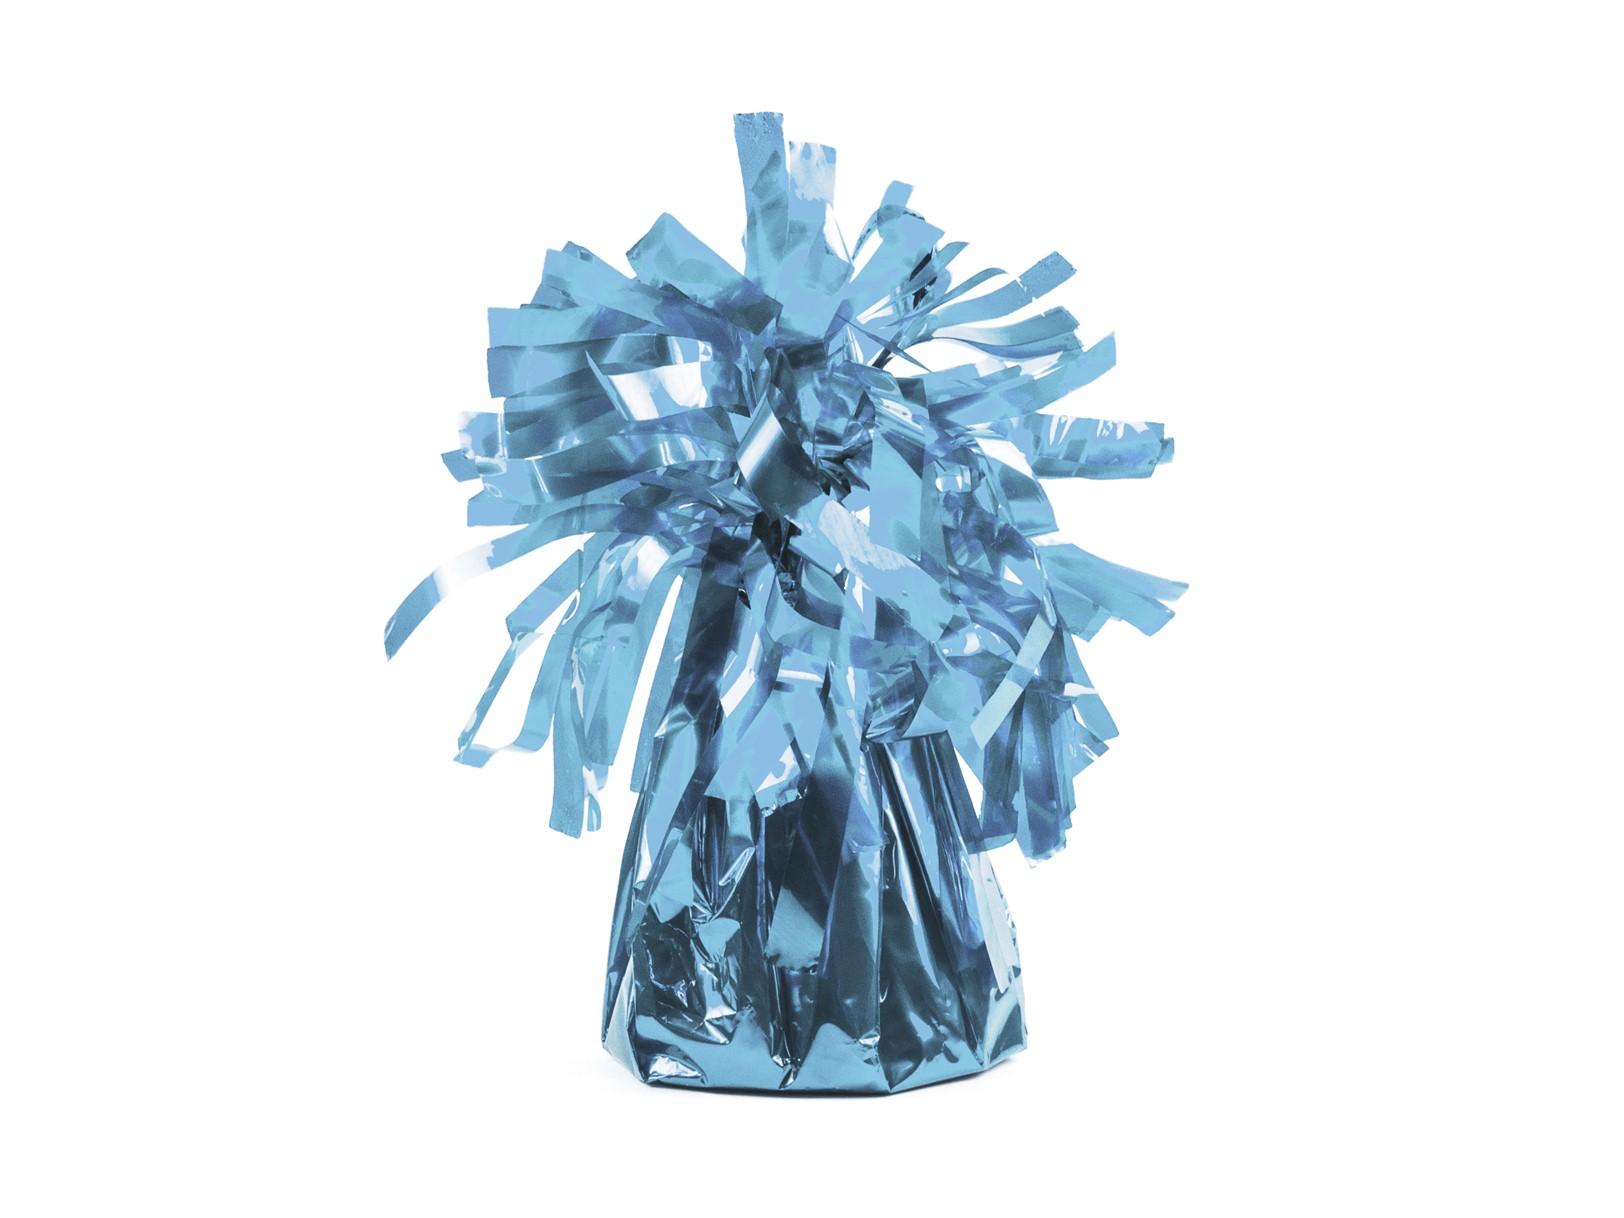 Βαρίδι Foil Μεταλλικό Γαλάζιο 130γρ